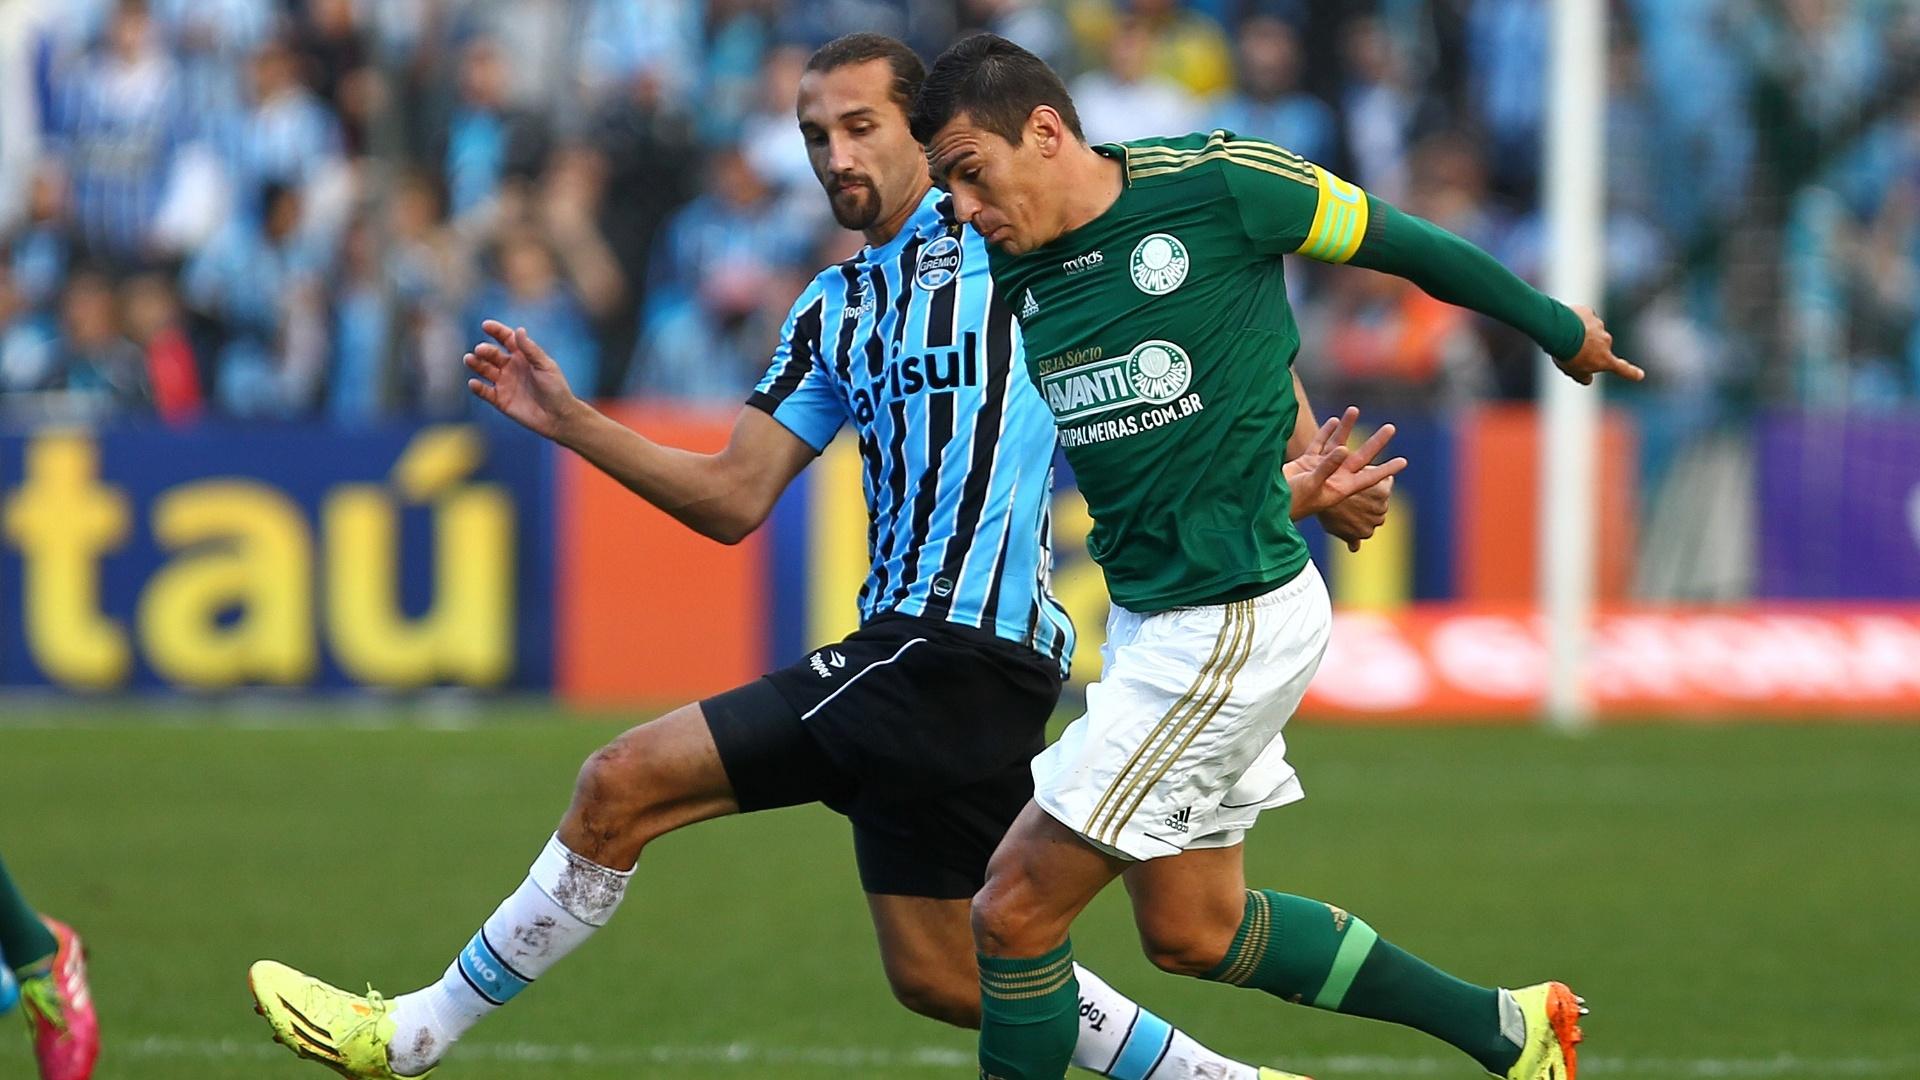 Barcos tenta roubar a bola do zagueiro Lúcio durante partida entre Grêmio e Palmeiras pelo Campeonato Brasileiro